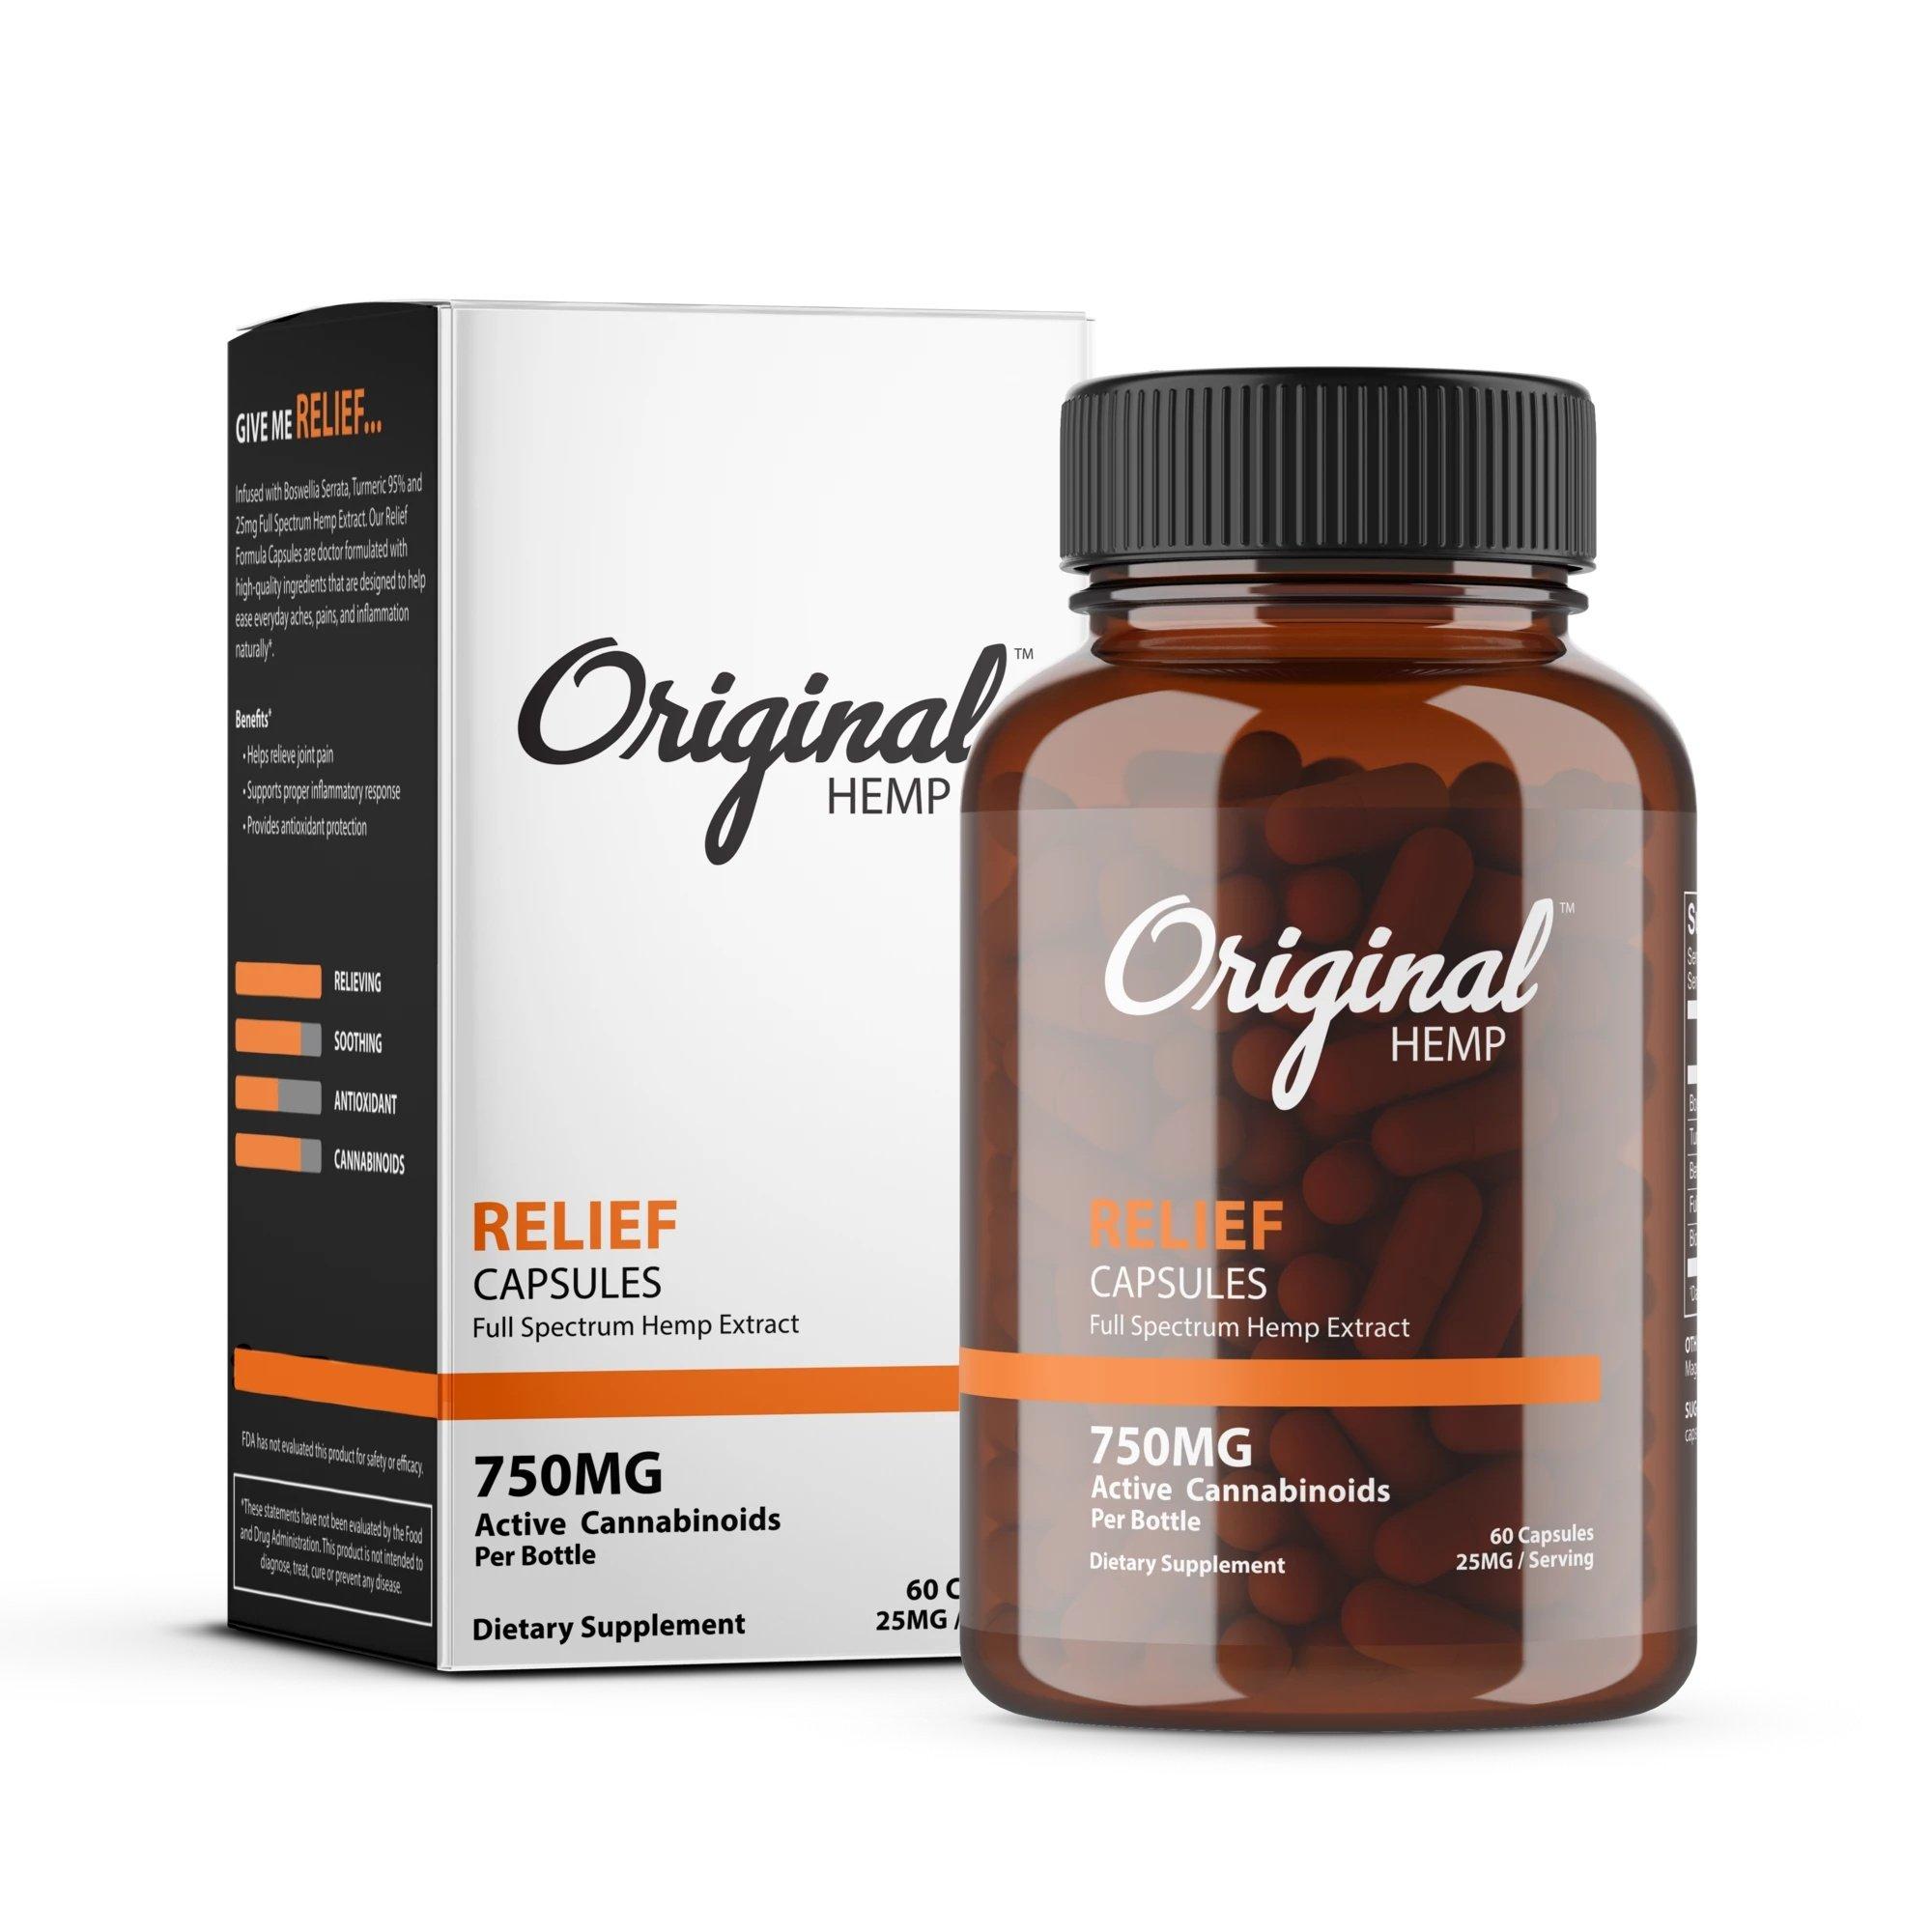 relief capsules_V2_2000x_1